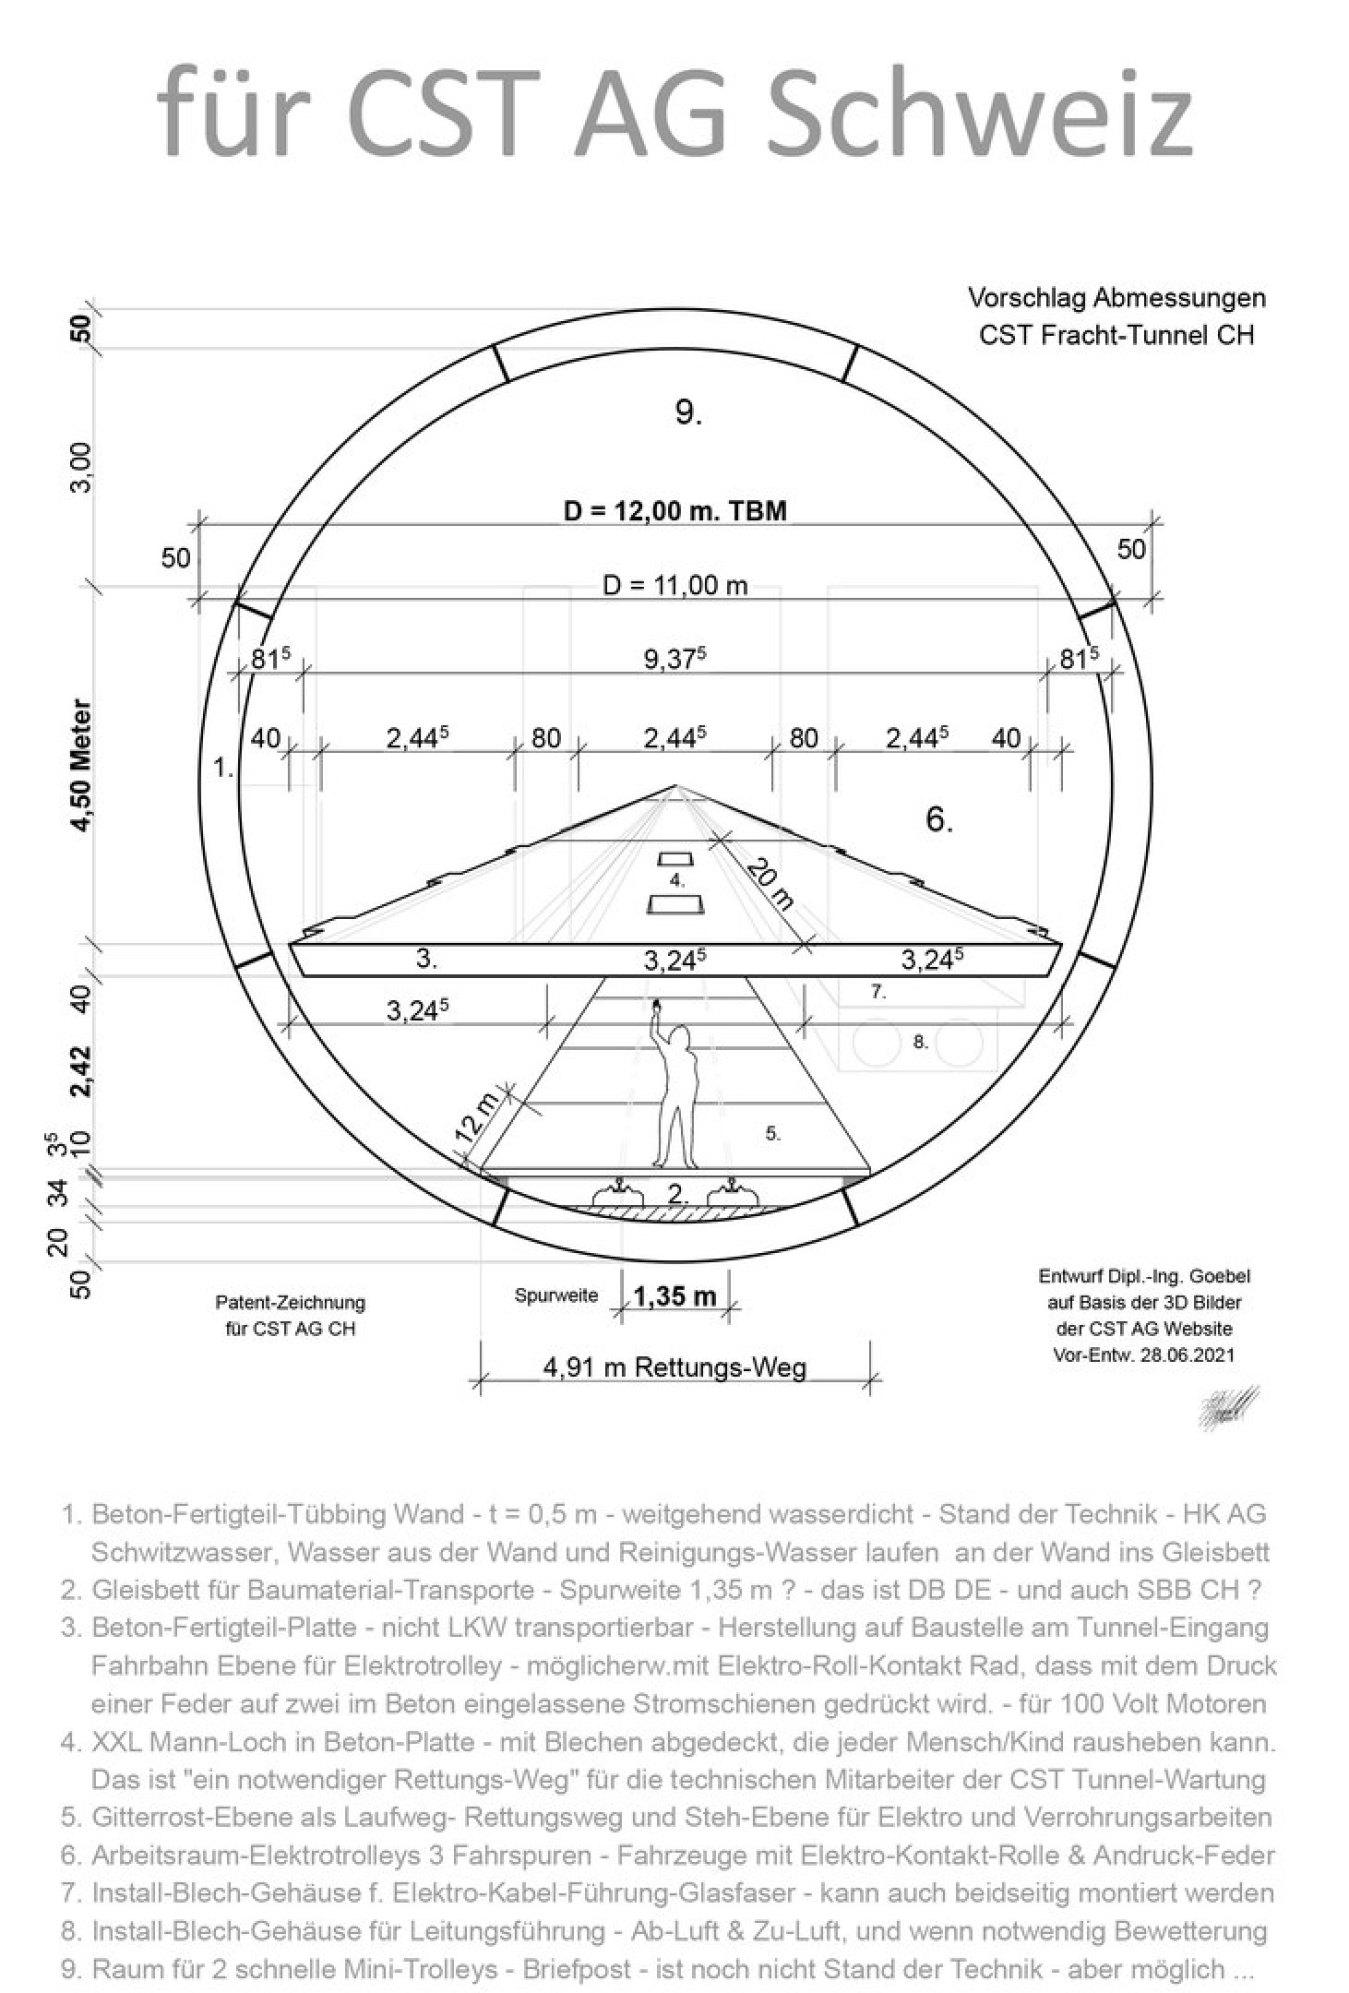 01_Bild_Entwurf-Tunnel-Querschnitt_für_CST_Patent_Verfasser_Ing_Goebel